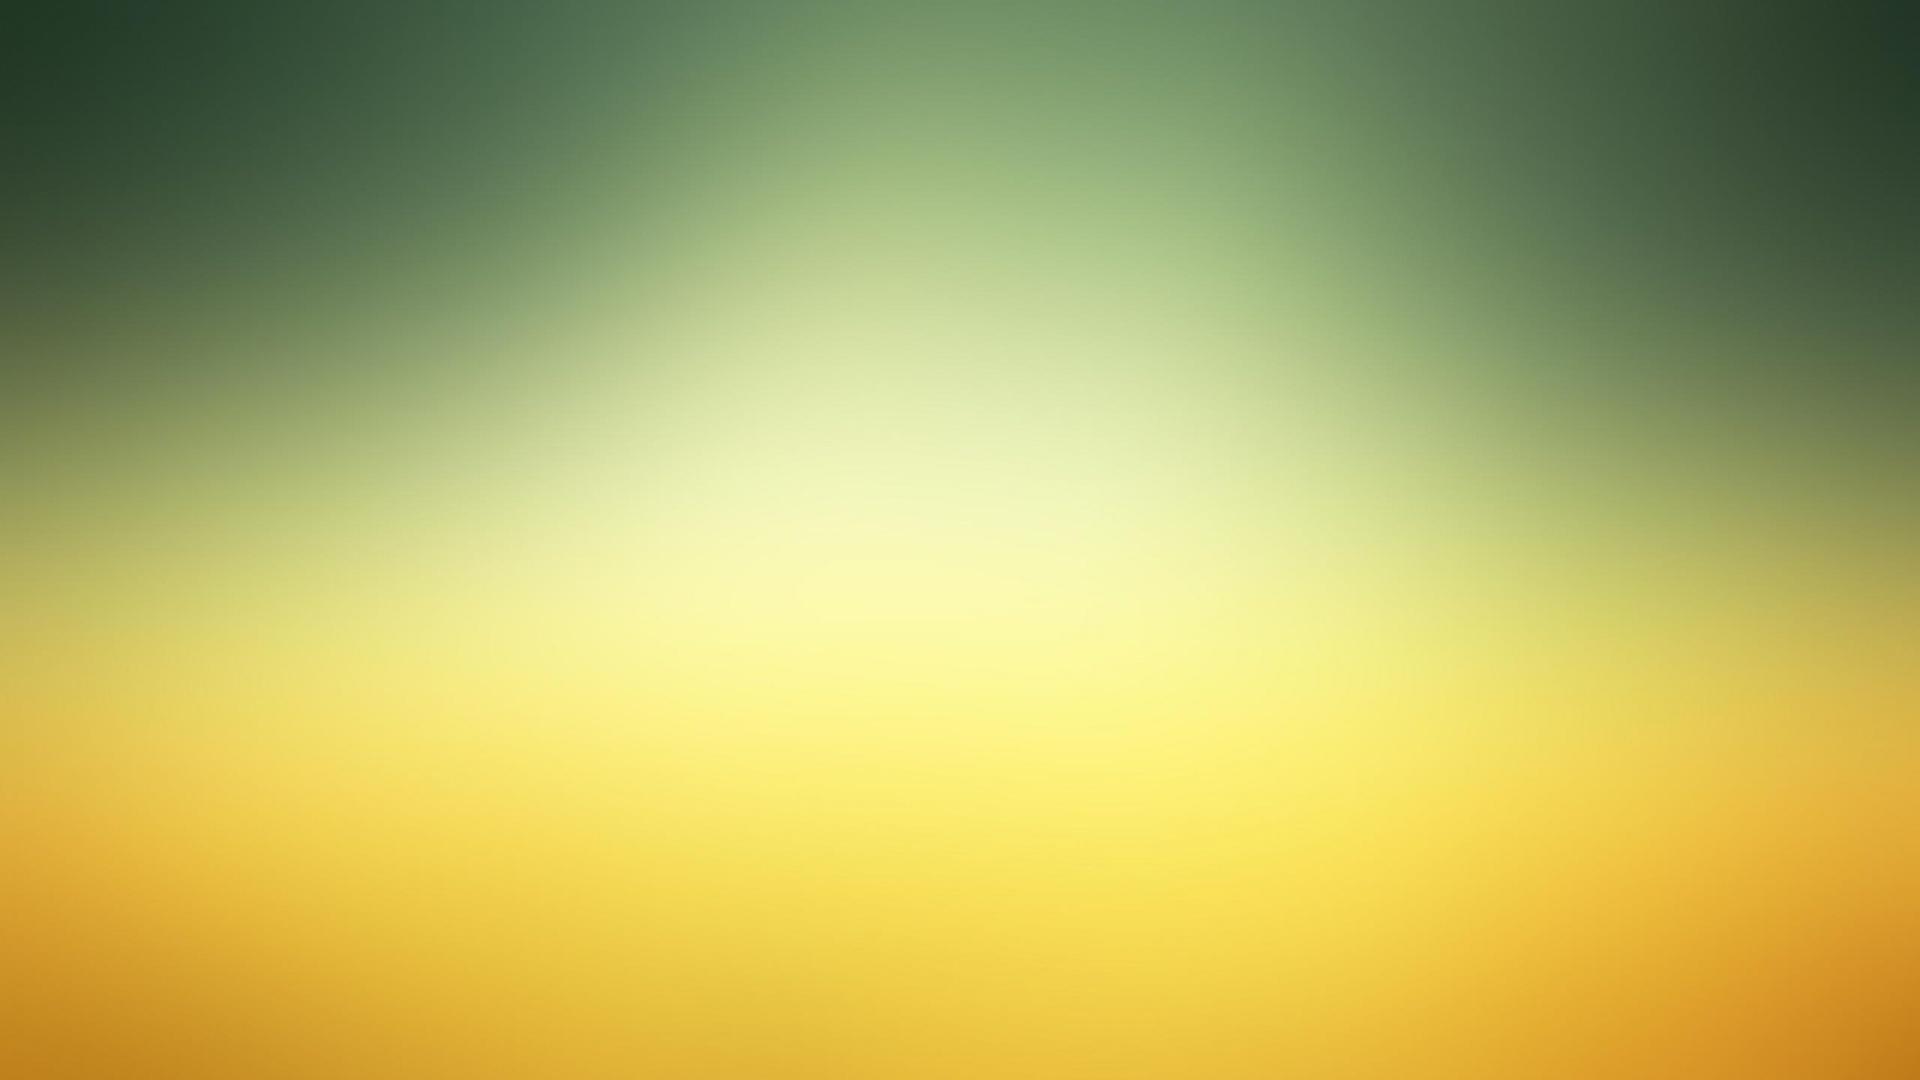 Plain Yellow Backgrounds wallpaper wallpaper hd background desktop 1920x1080